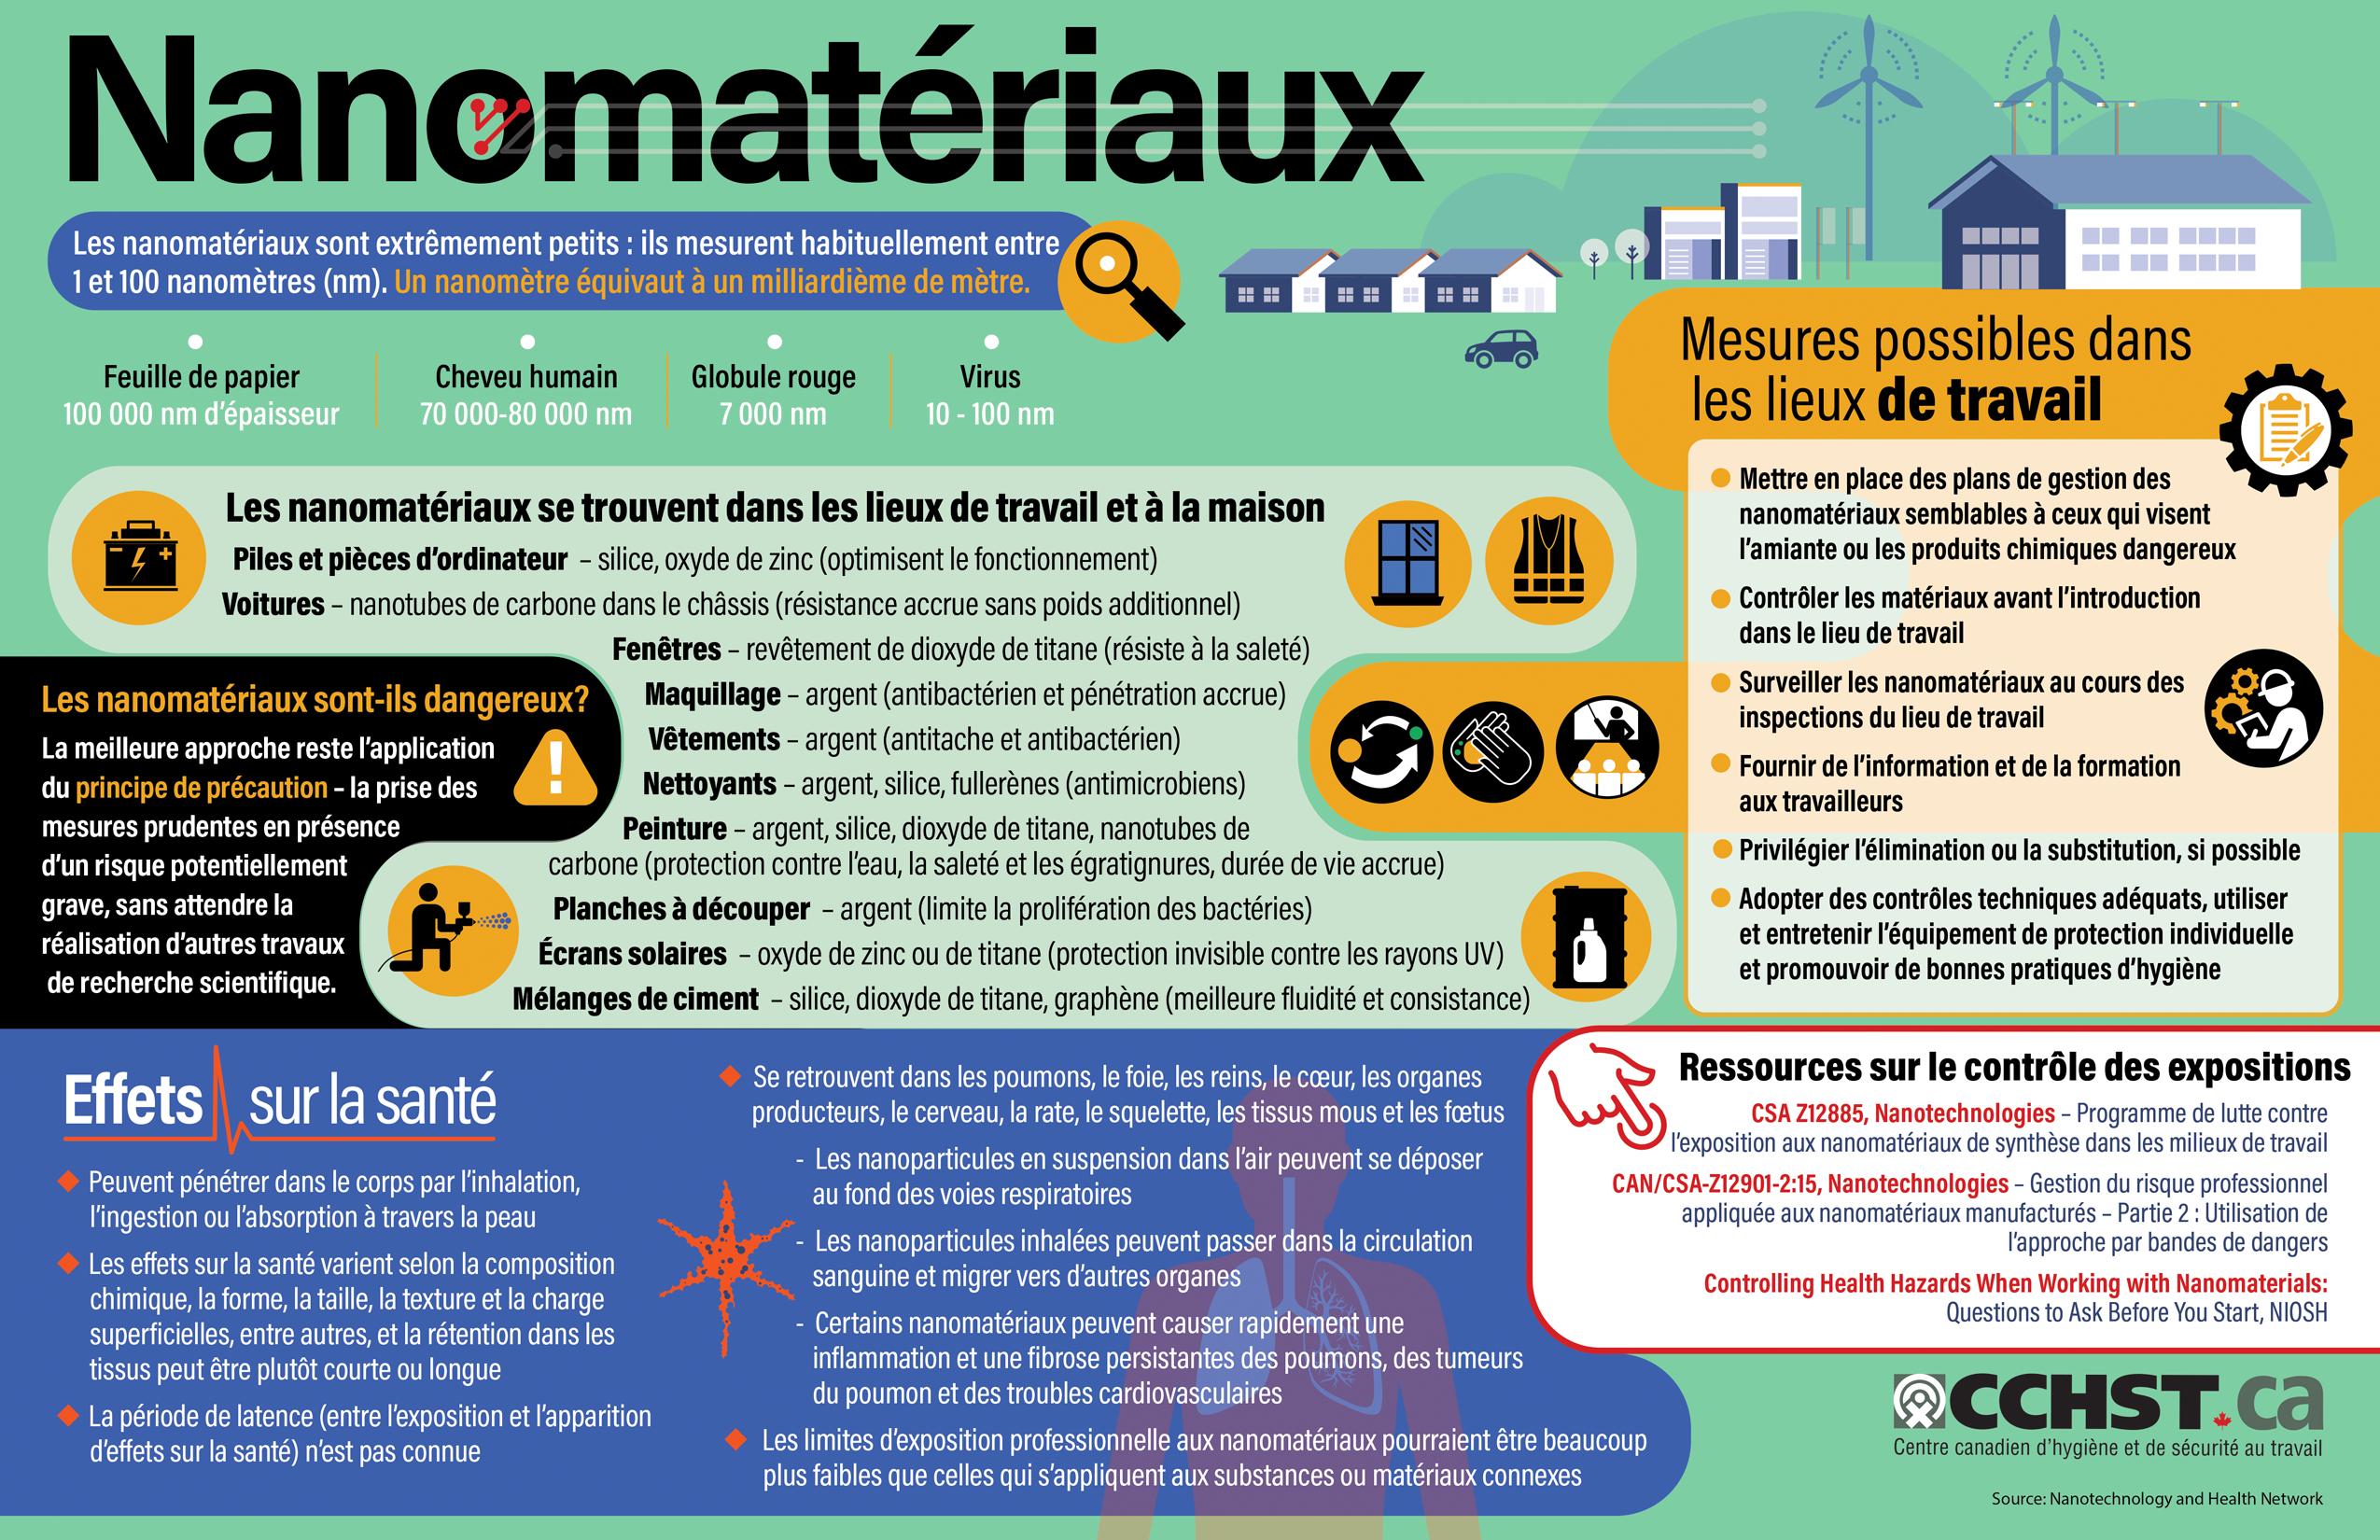 Infographie sur les nanomatériaux